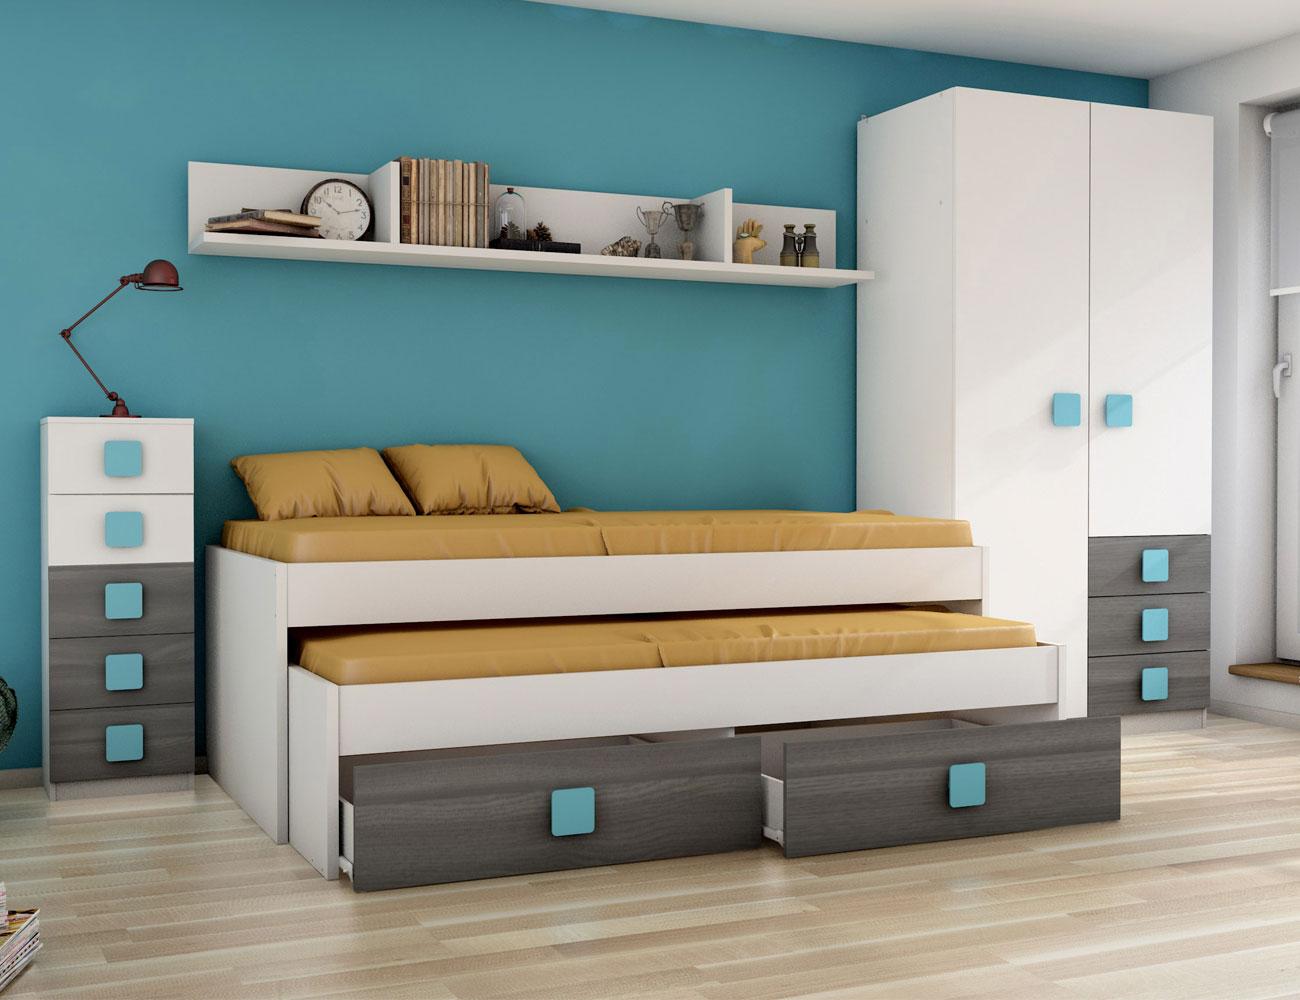 Dormitorio juvenil grafito ceniza azul1